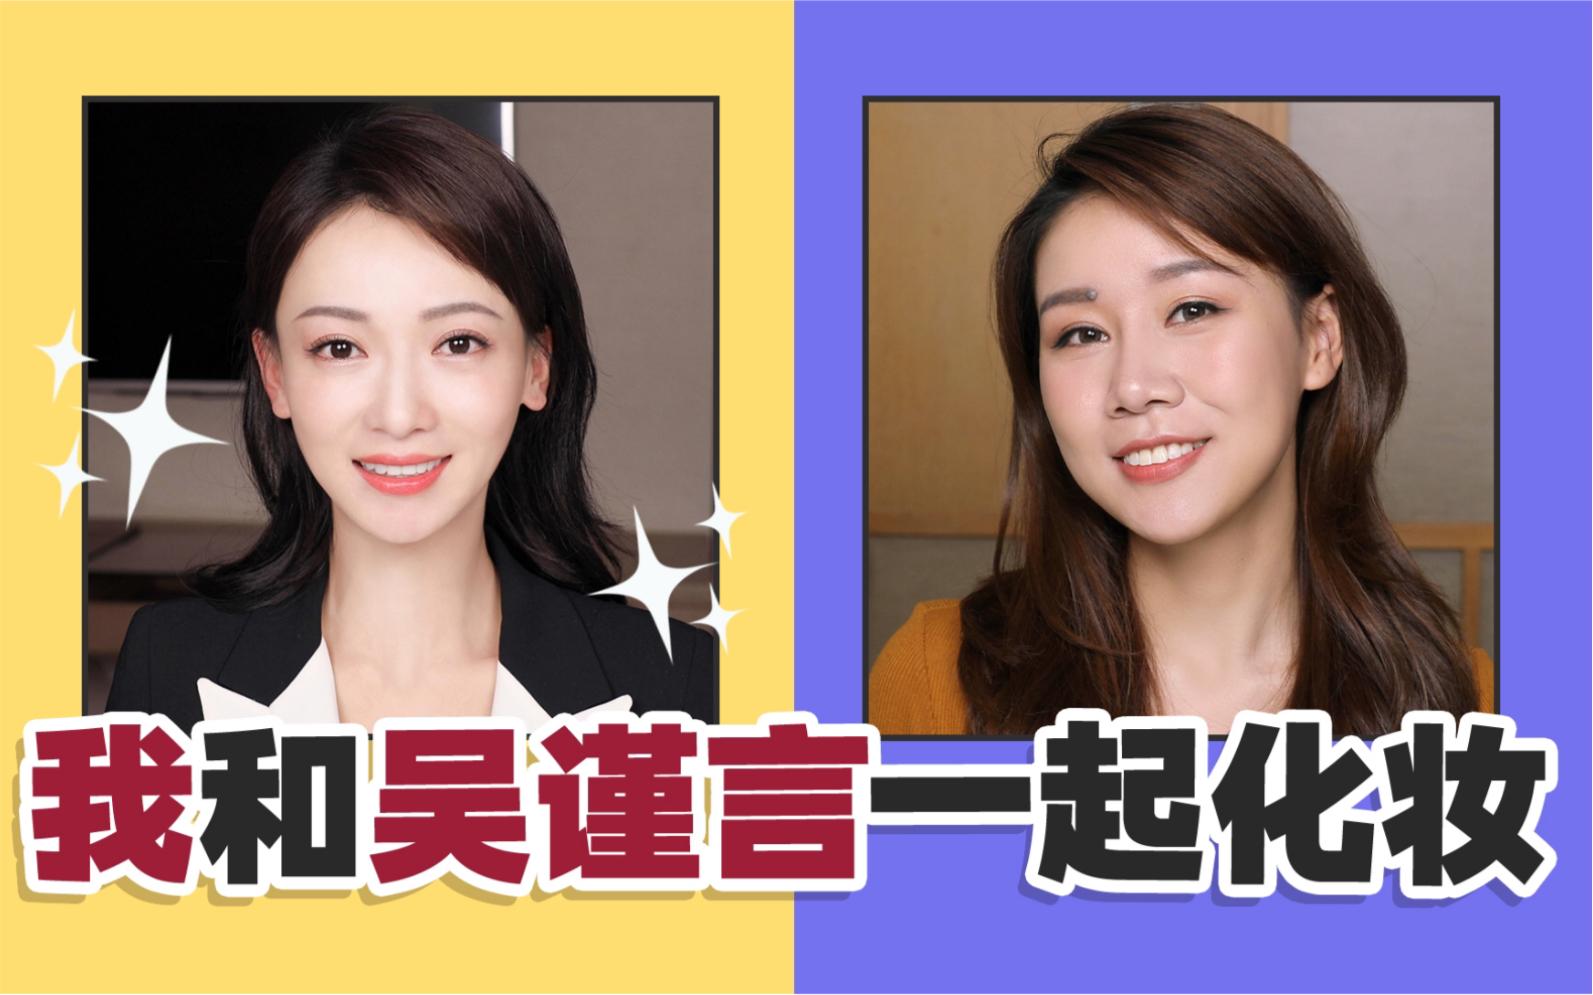 女明星化妆视频_素人和女明星,一起化妆PK??结果很惊人…_哔哩哔哩 (゜-゜)つ ...